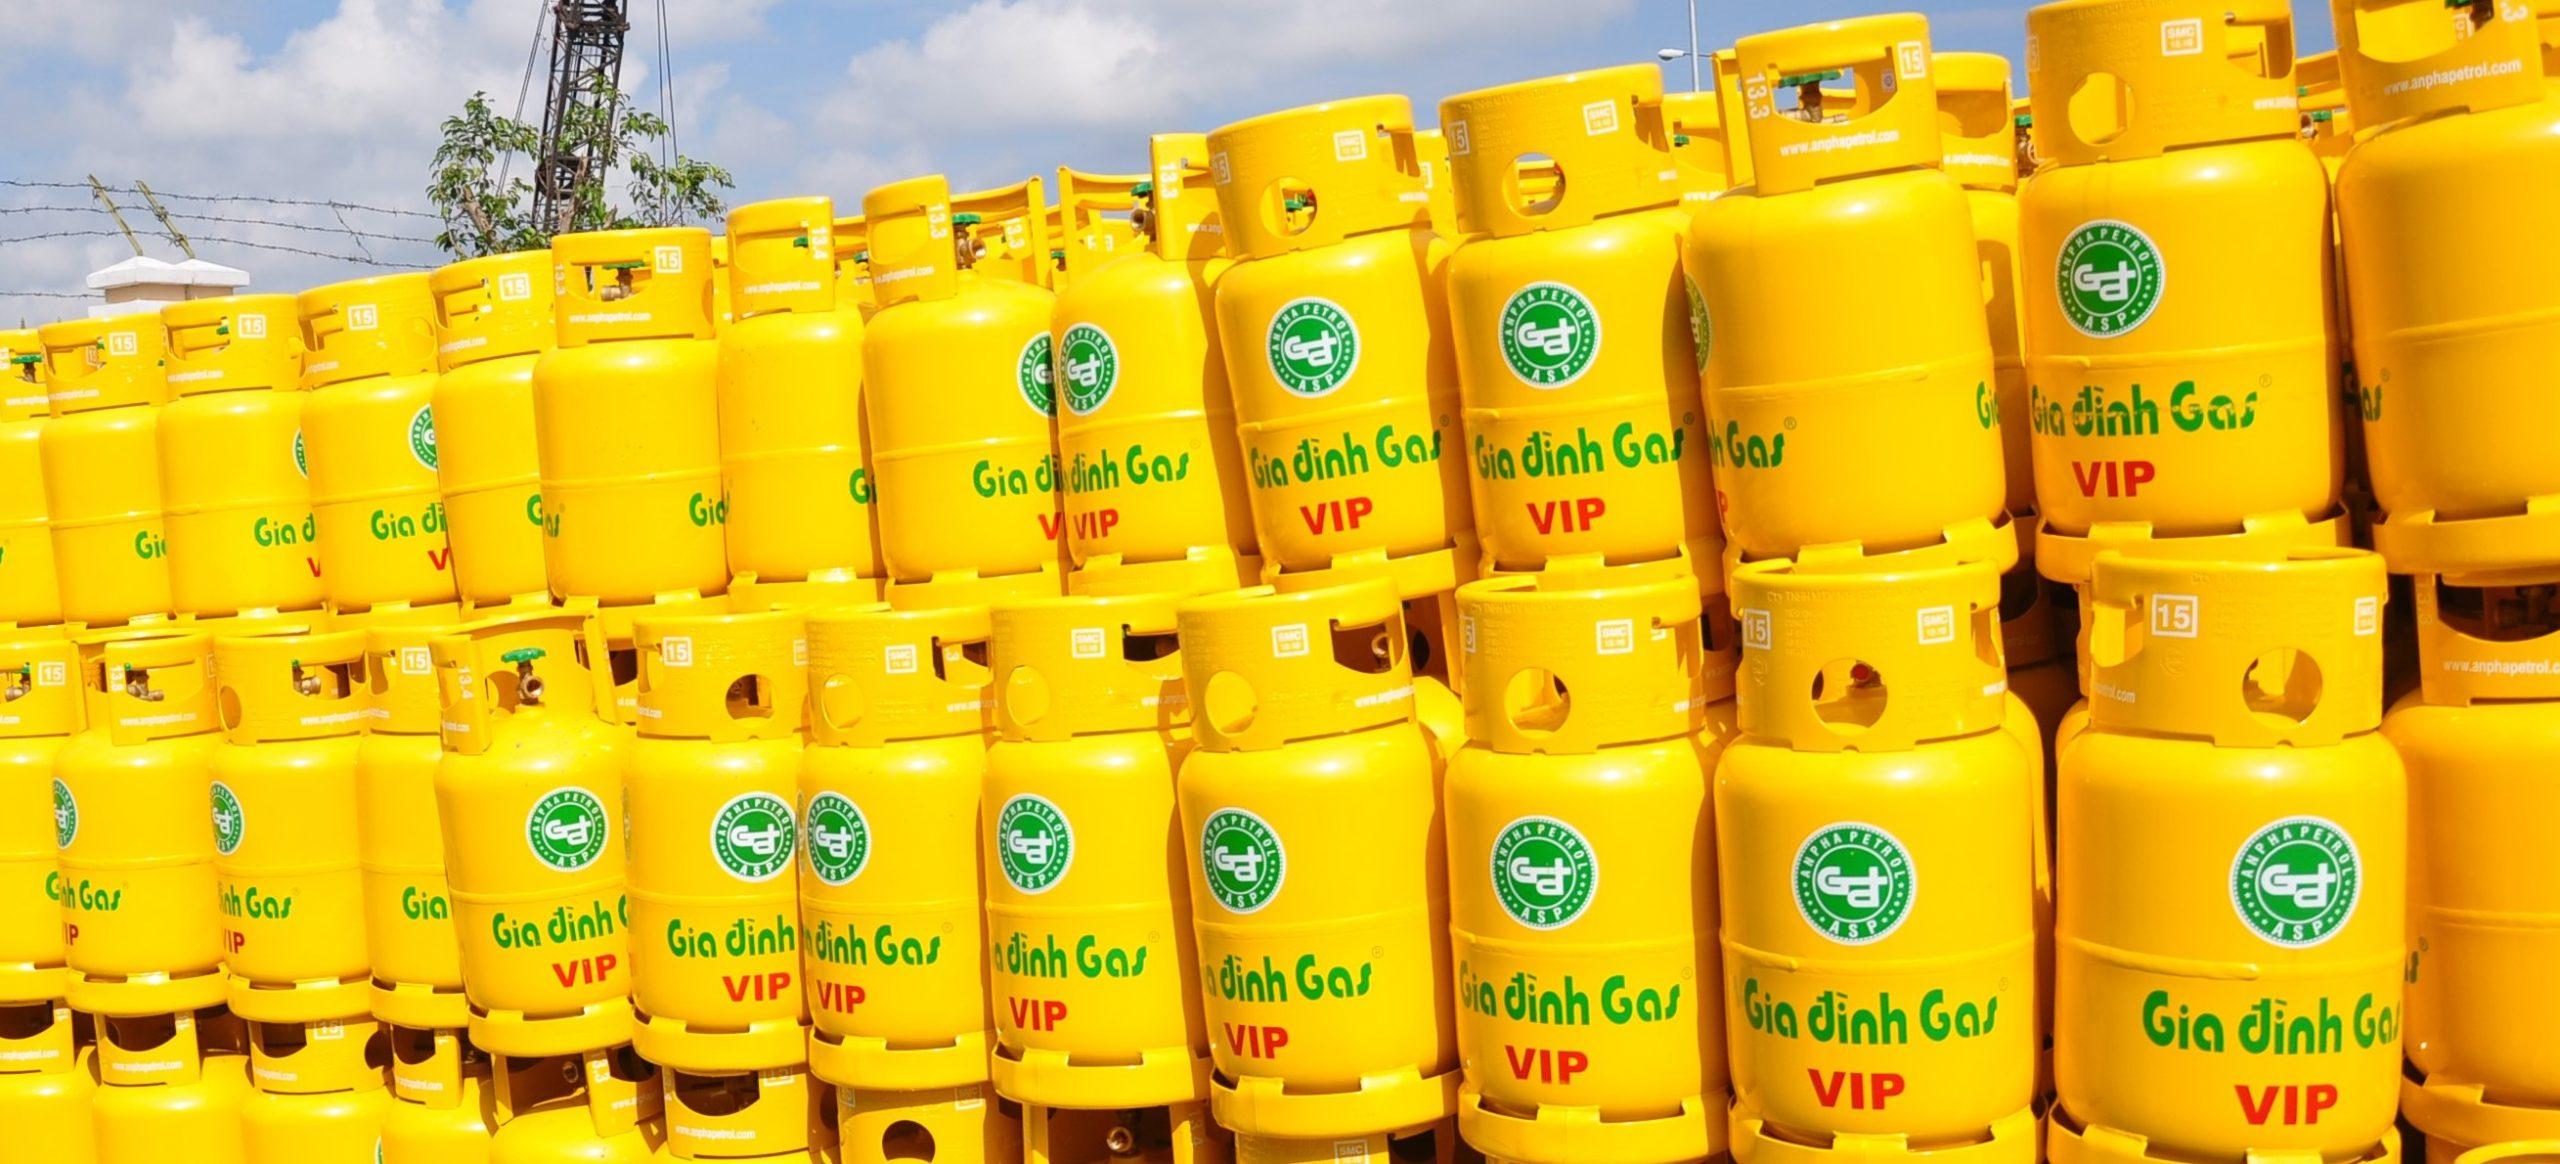 Thông báo giá bán Gas thay đổi từ ngày 01/05/2020